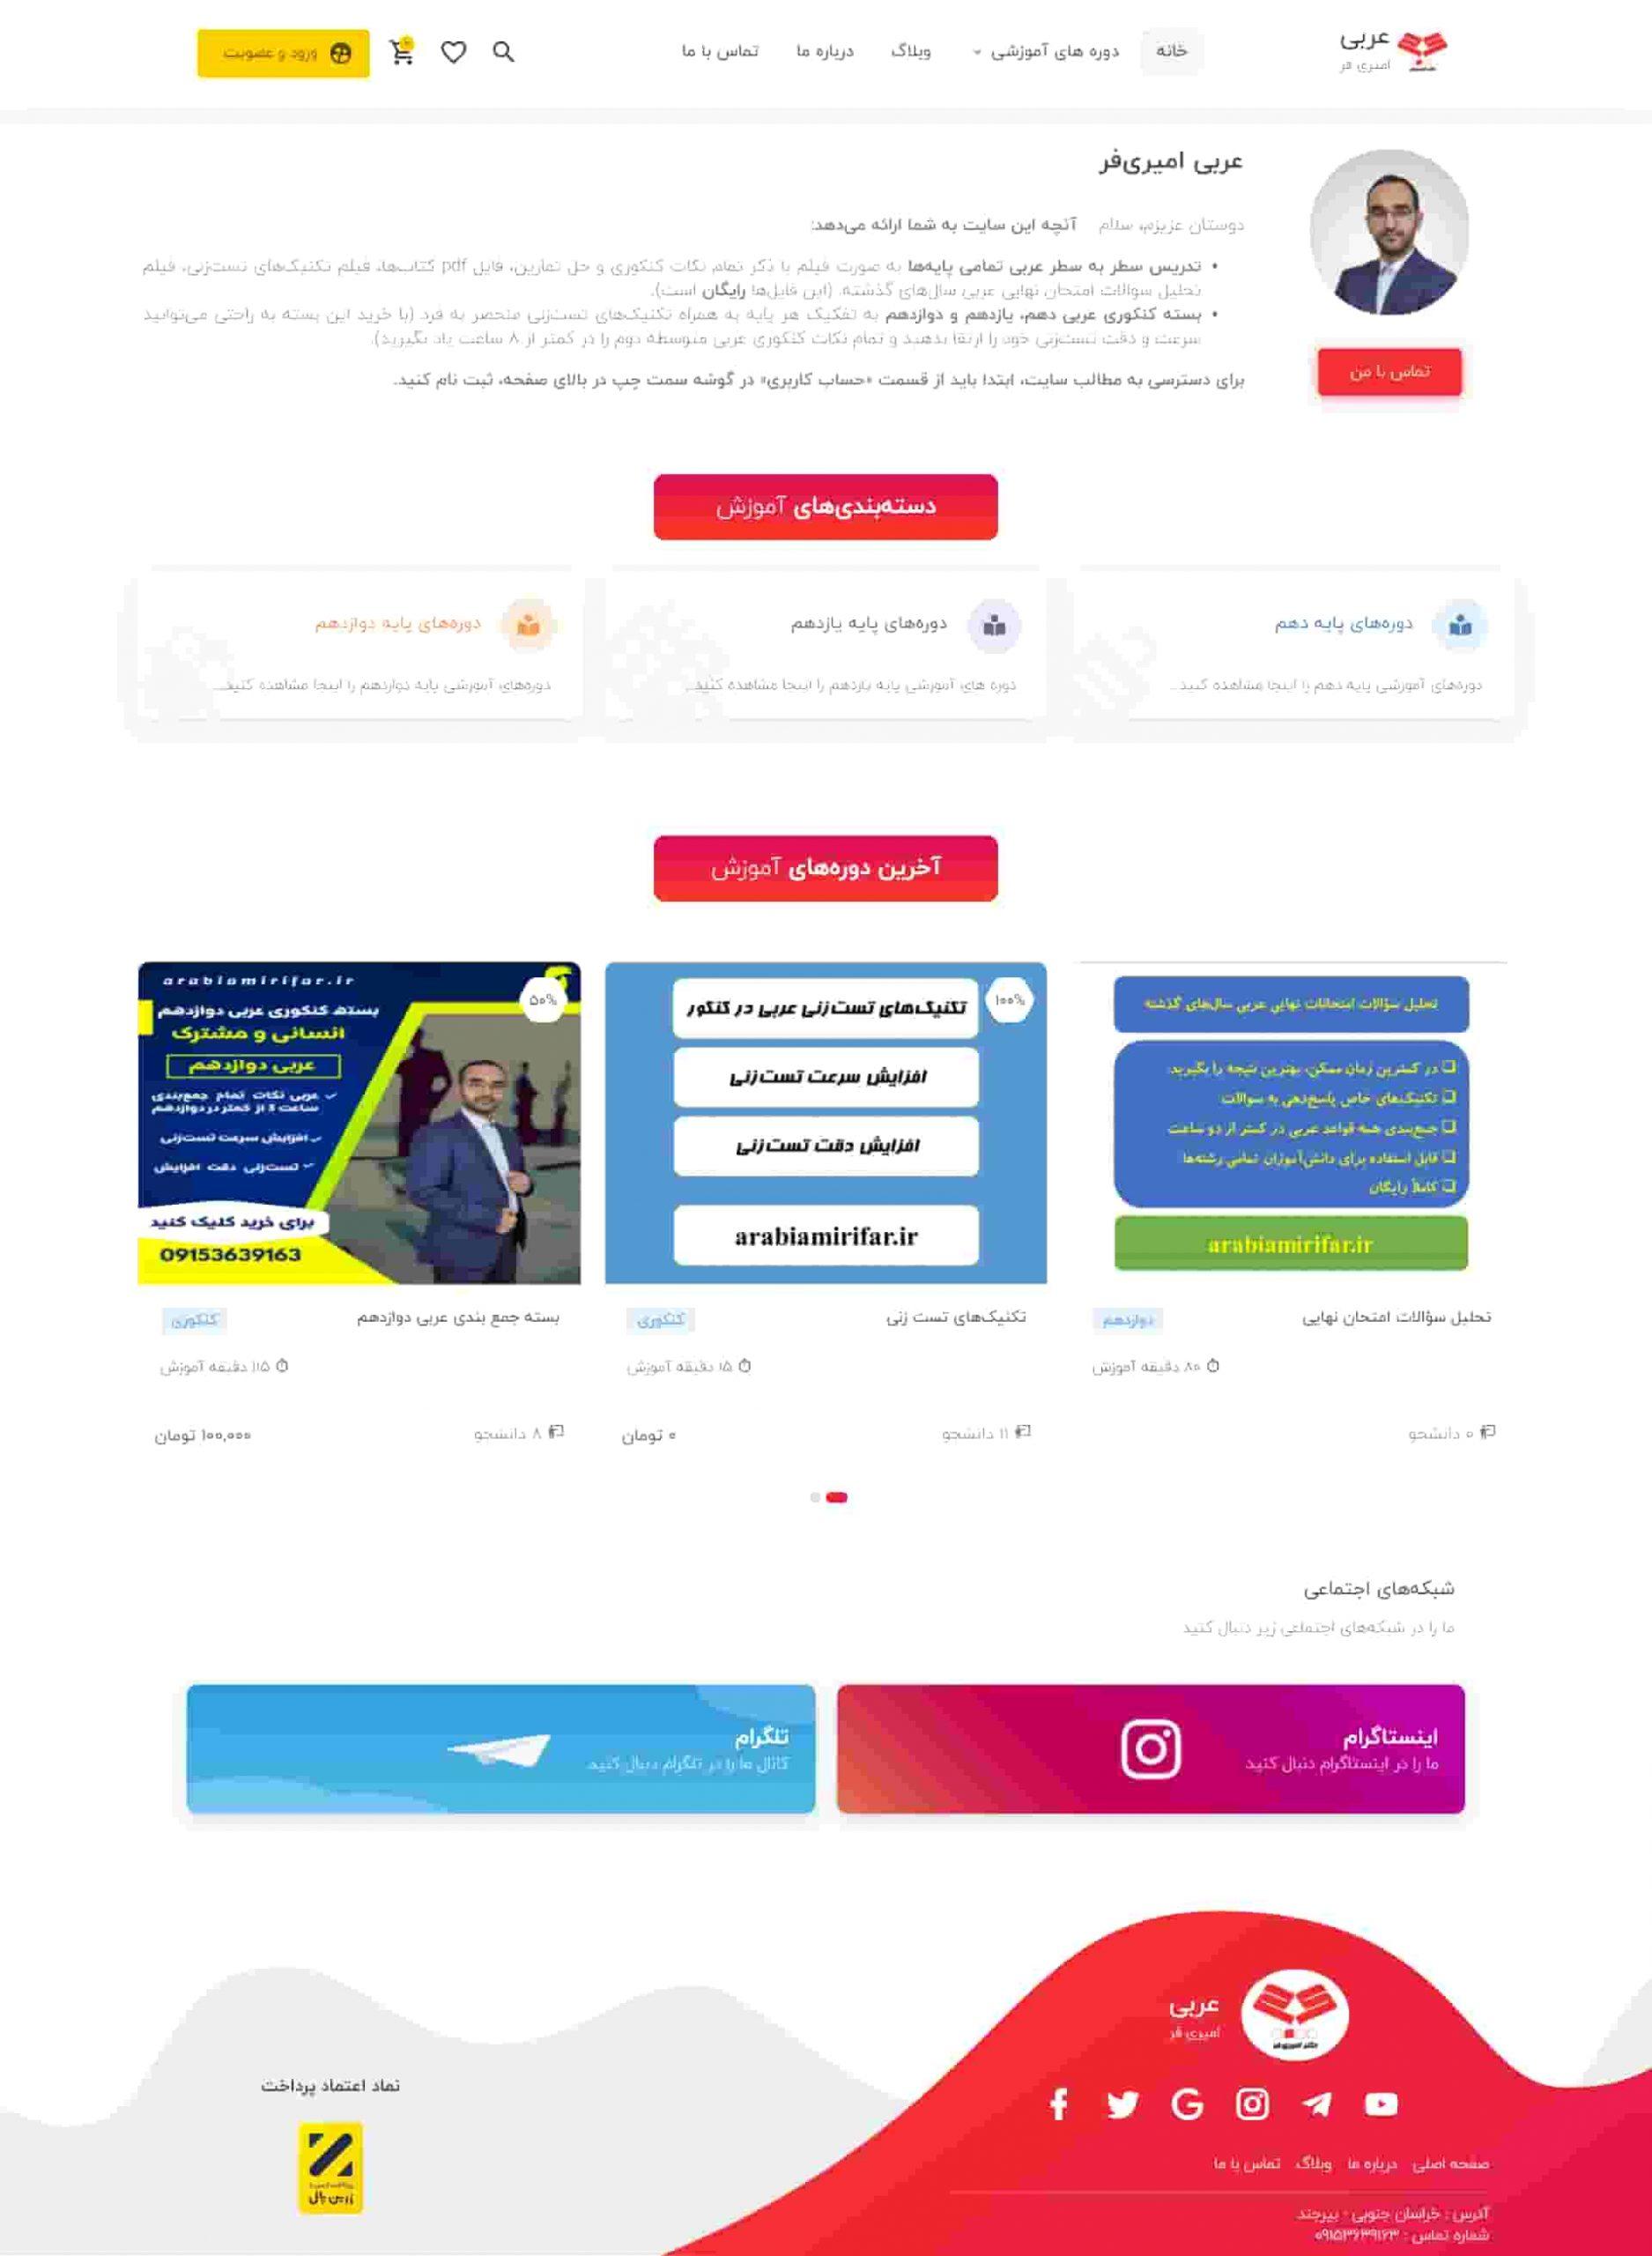 وبسایت عربی دکتر امیری فر